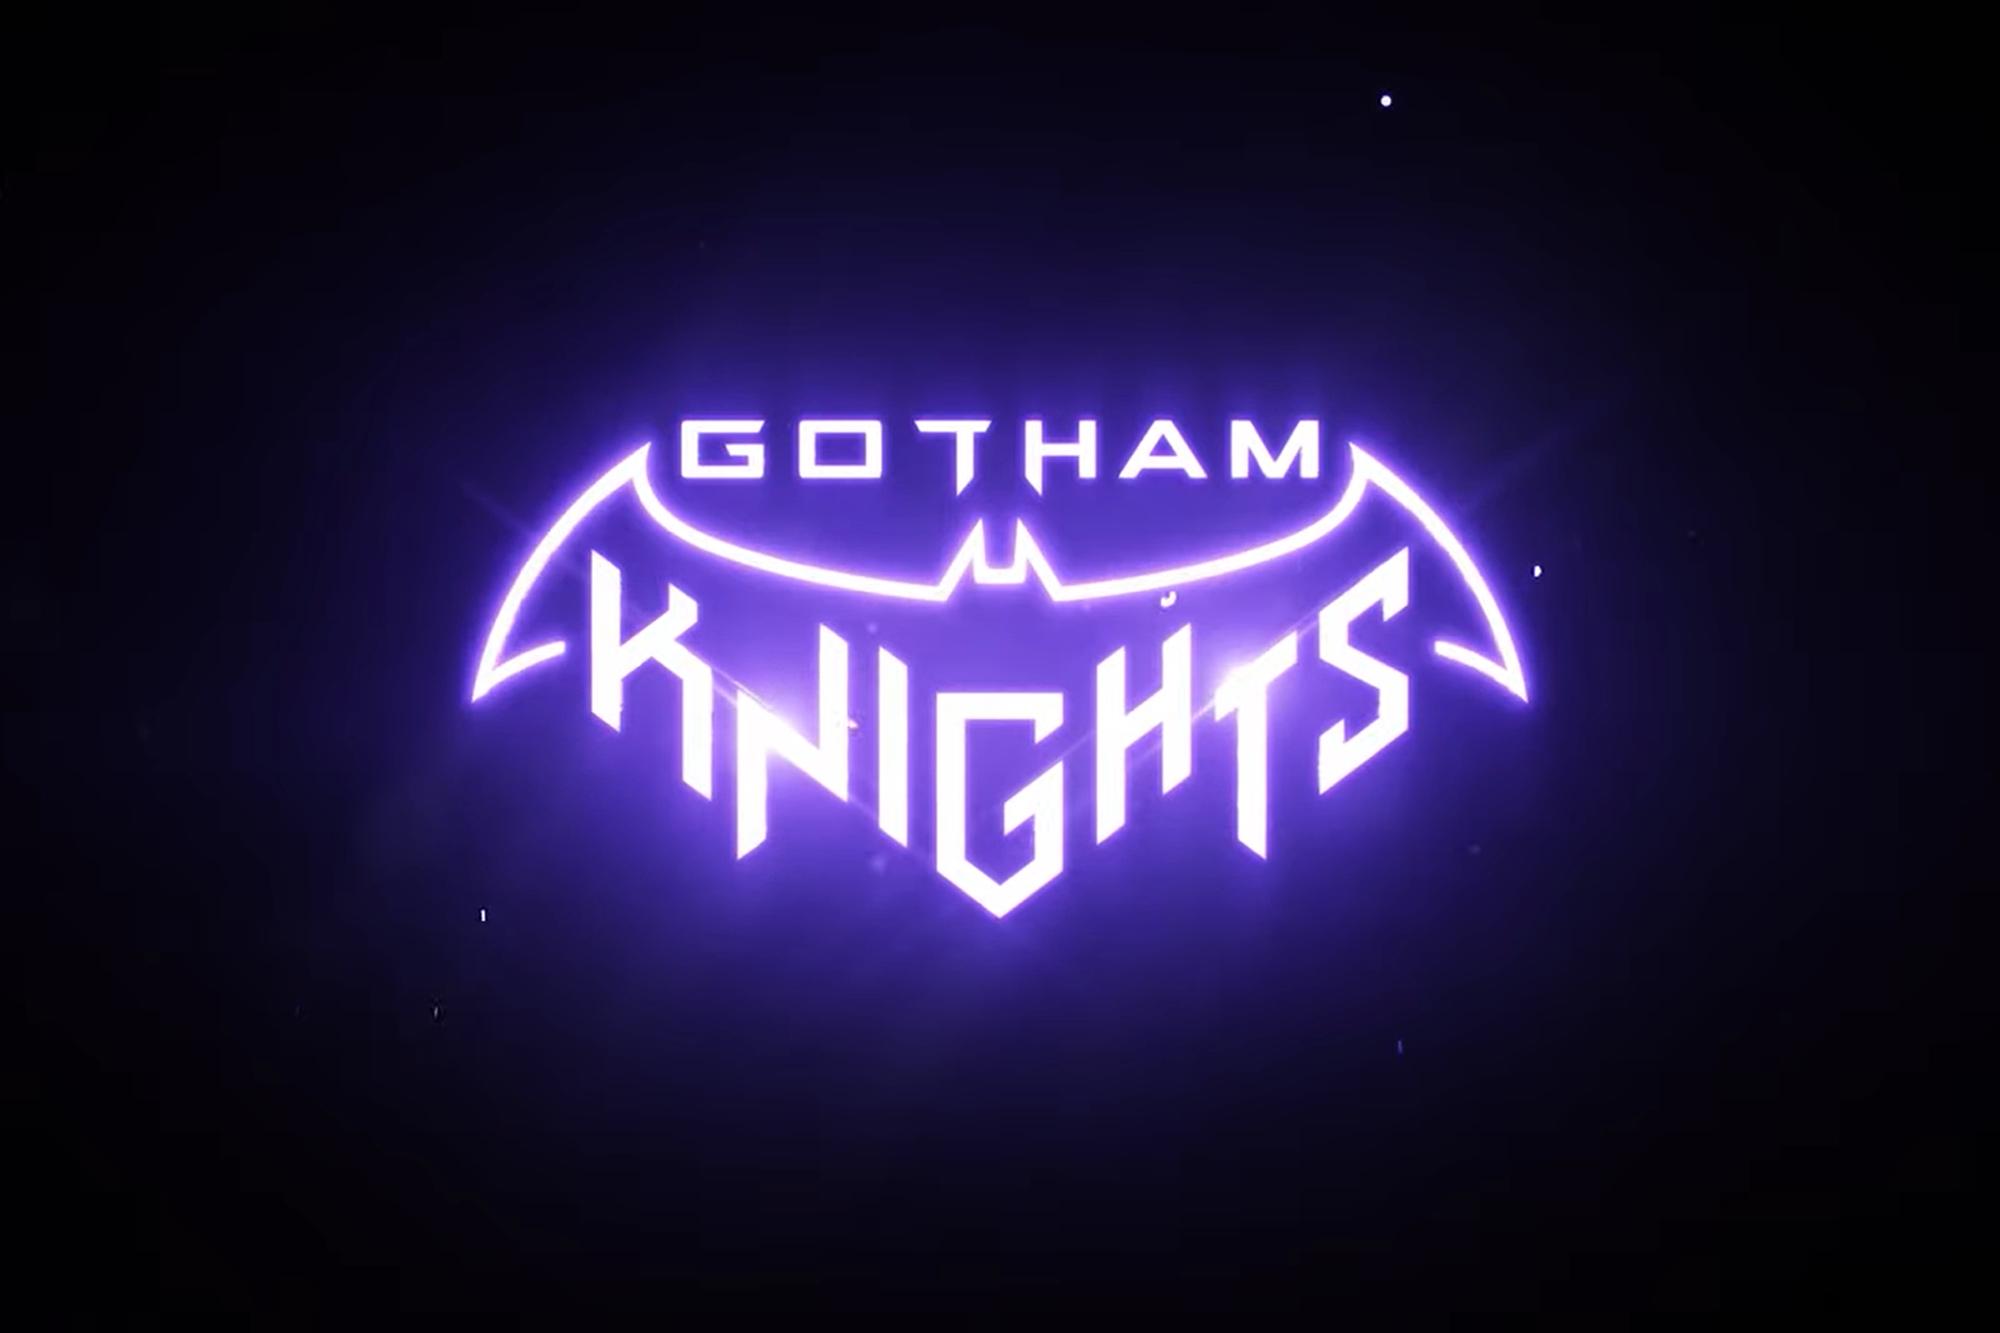 Gotham Knights: pura adrenalina, así es el videojuego de los sucesores de Batman